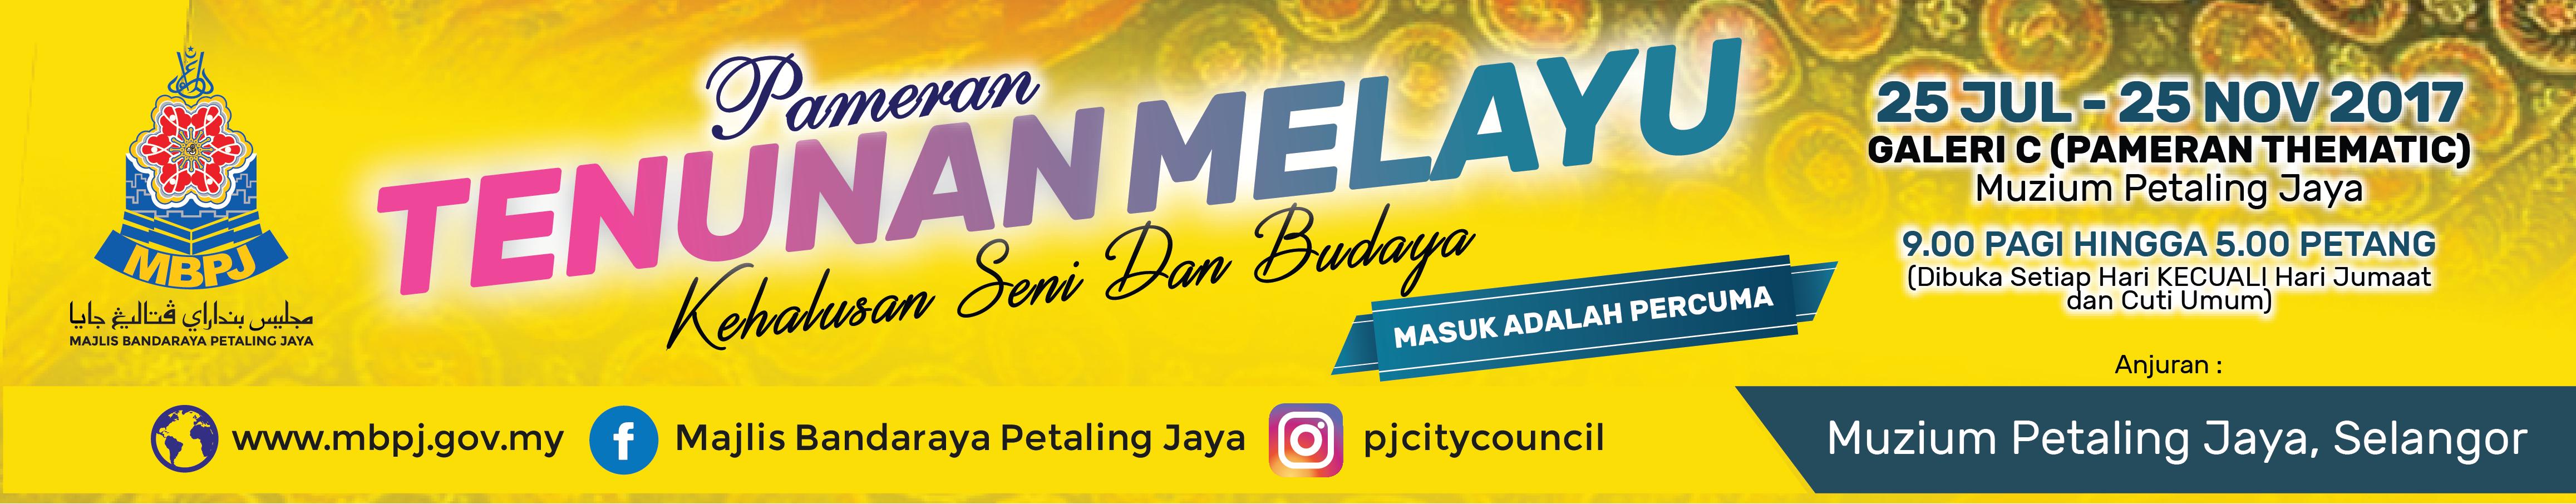 Pameran Tenunan Melayu 2017